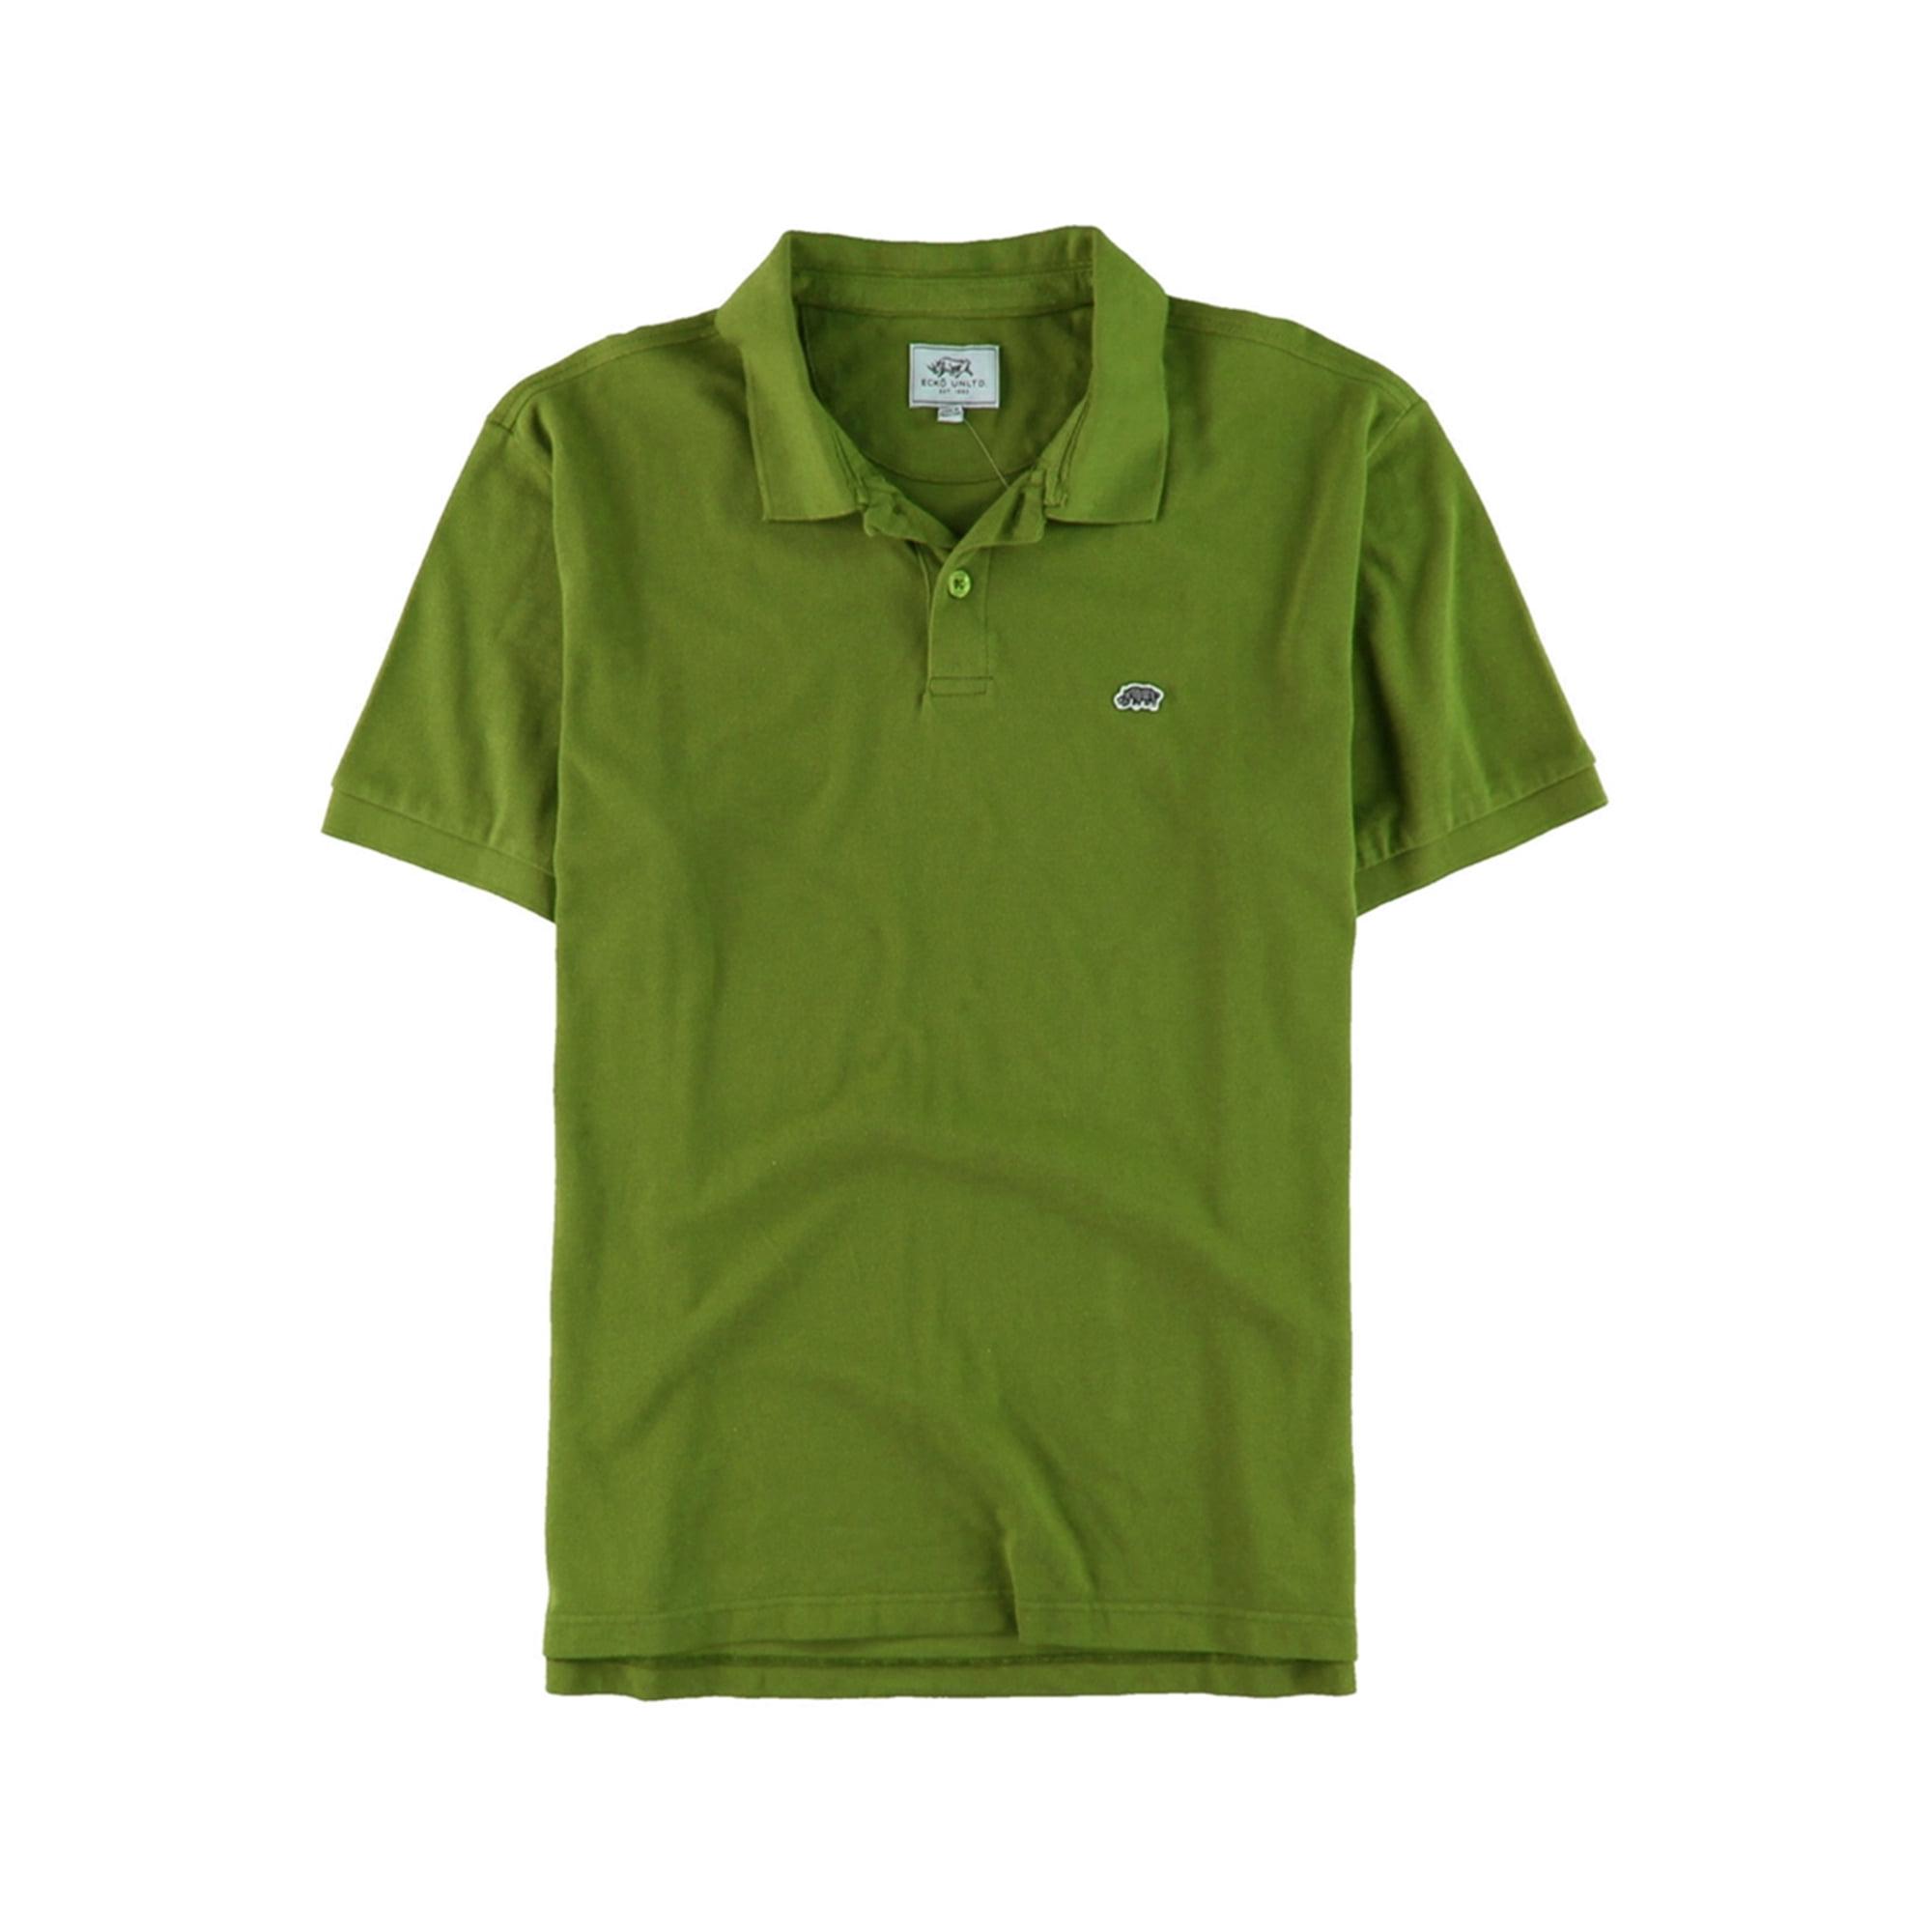 504997907c3 Ecko Unltd. Mens Wallburner Solid Color Rugby Polo Shirt indigoblue XS |  Walmart Canada